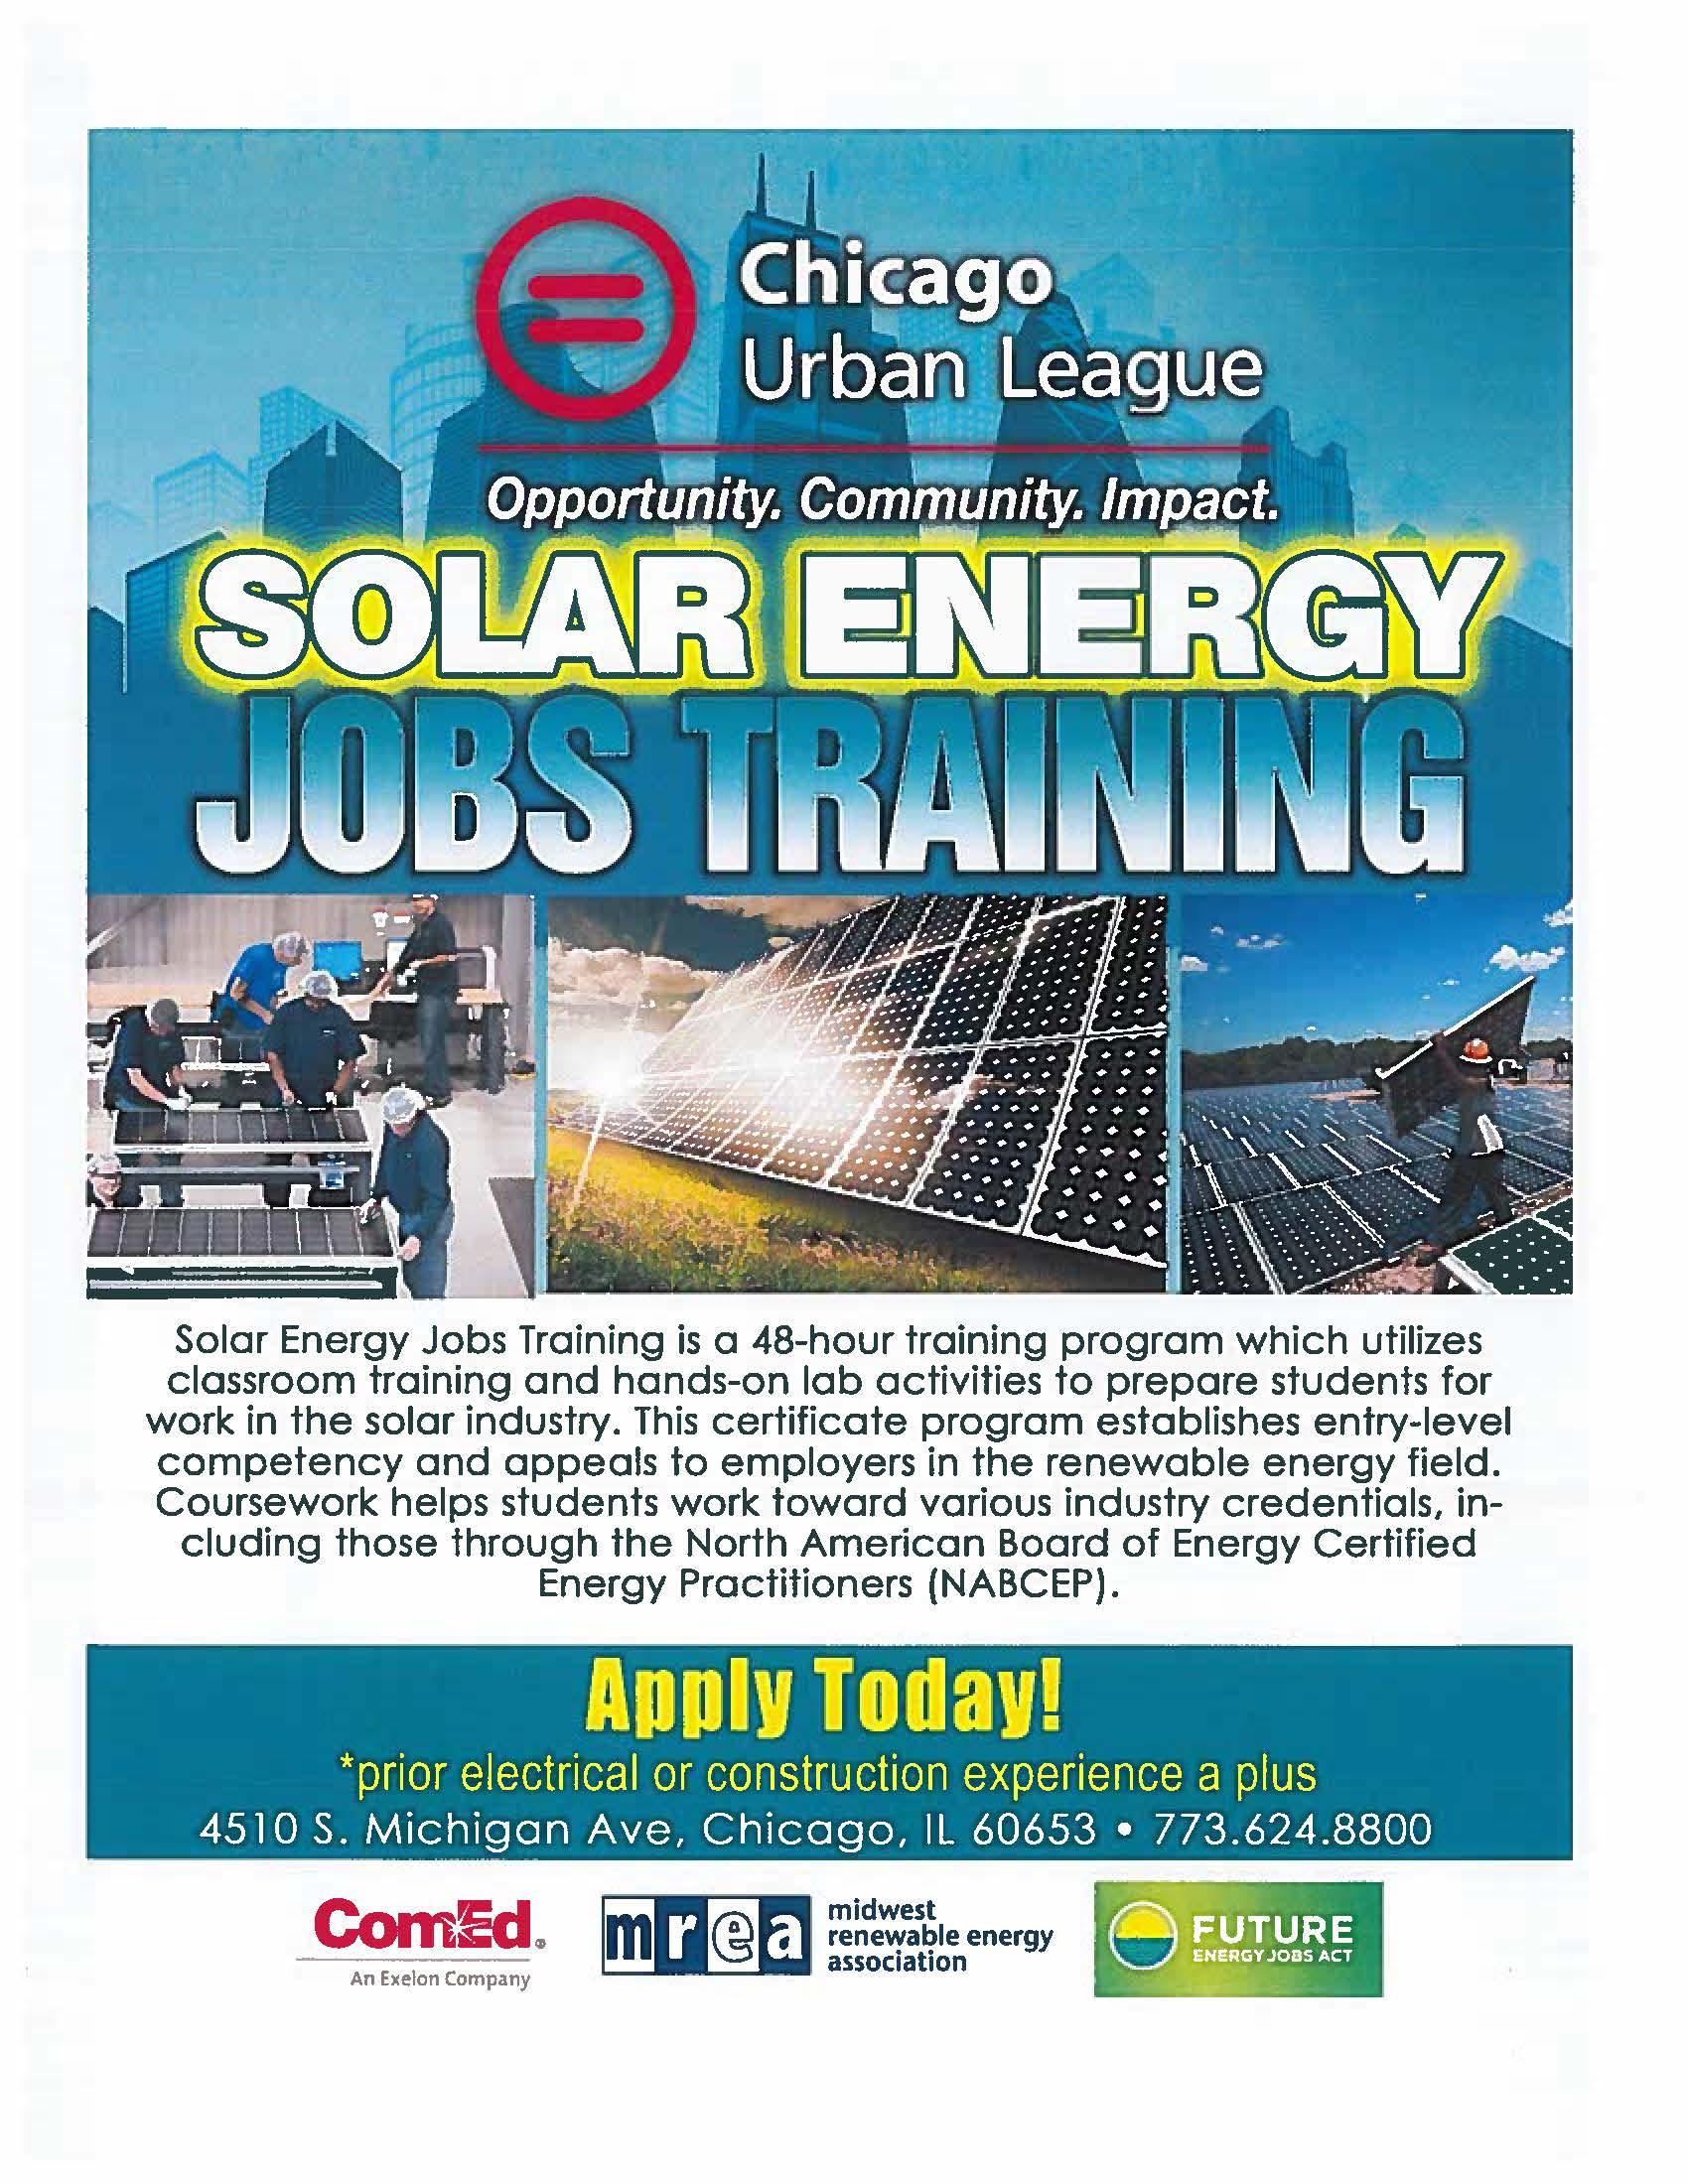 Solar Energy Jobs Training